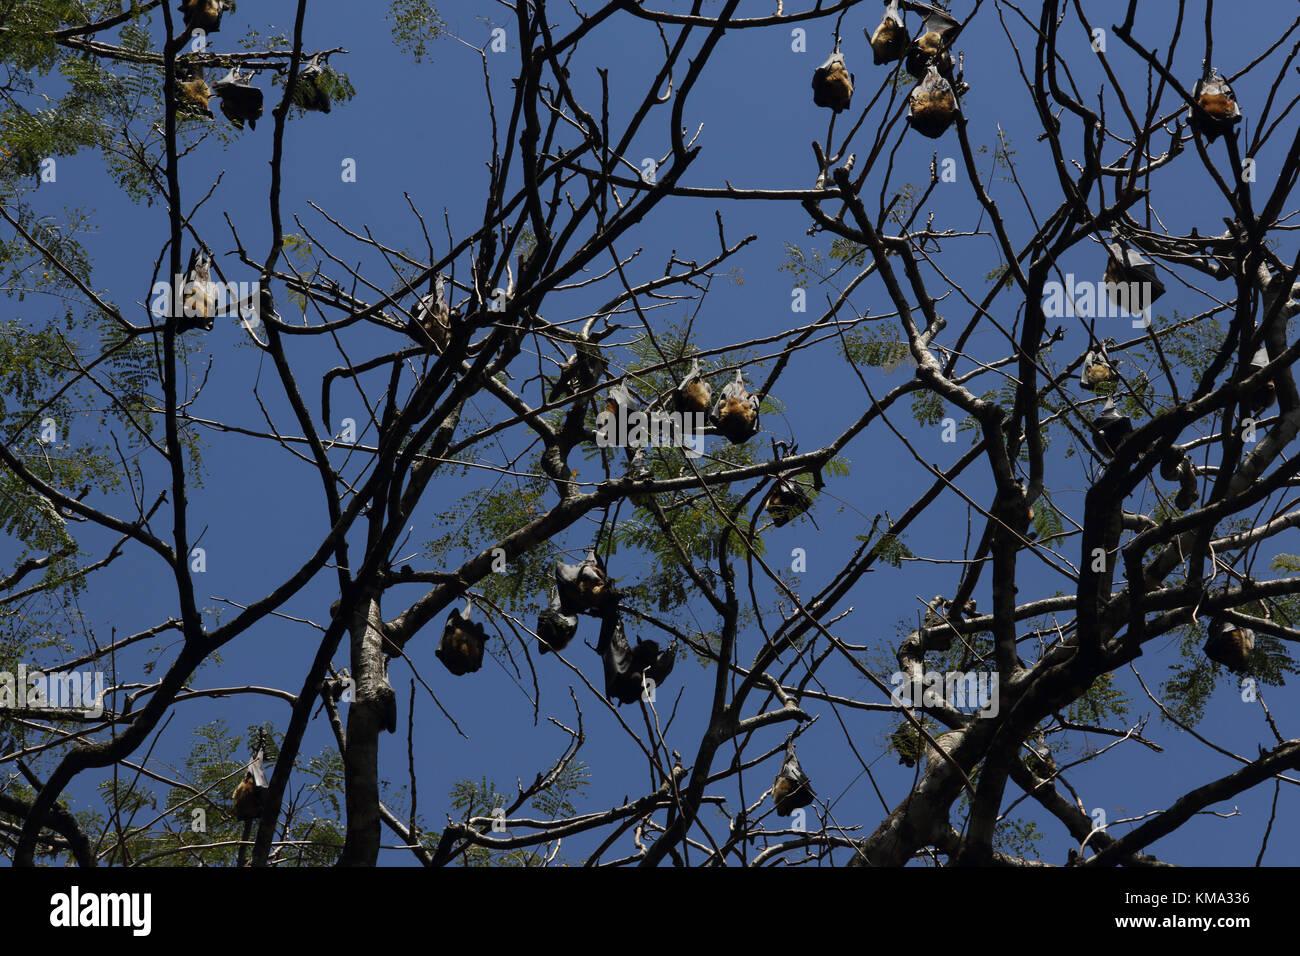 Peradeniya  Kandy Central Province Sri Lanka Peradeniya Royal Botanical Gardens Colony of Fruit Bats In Trees Stock Photo